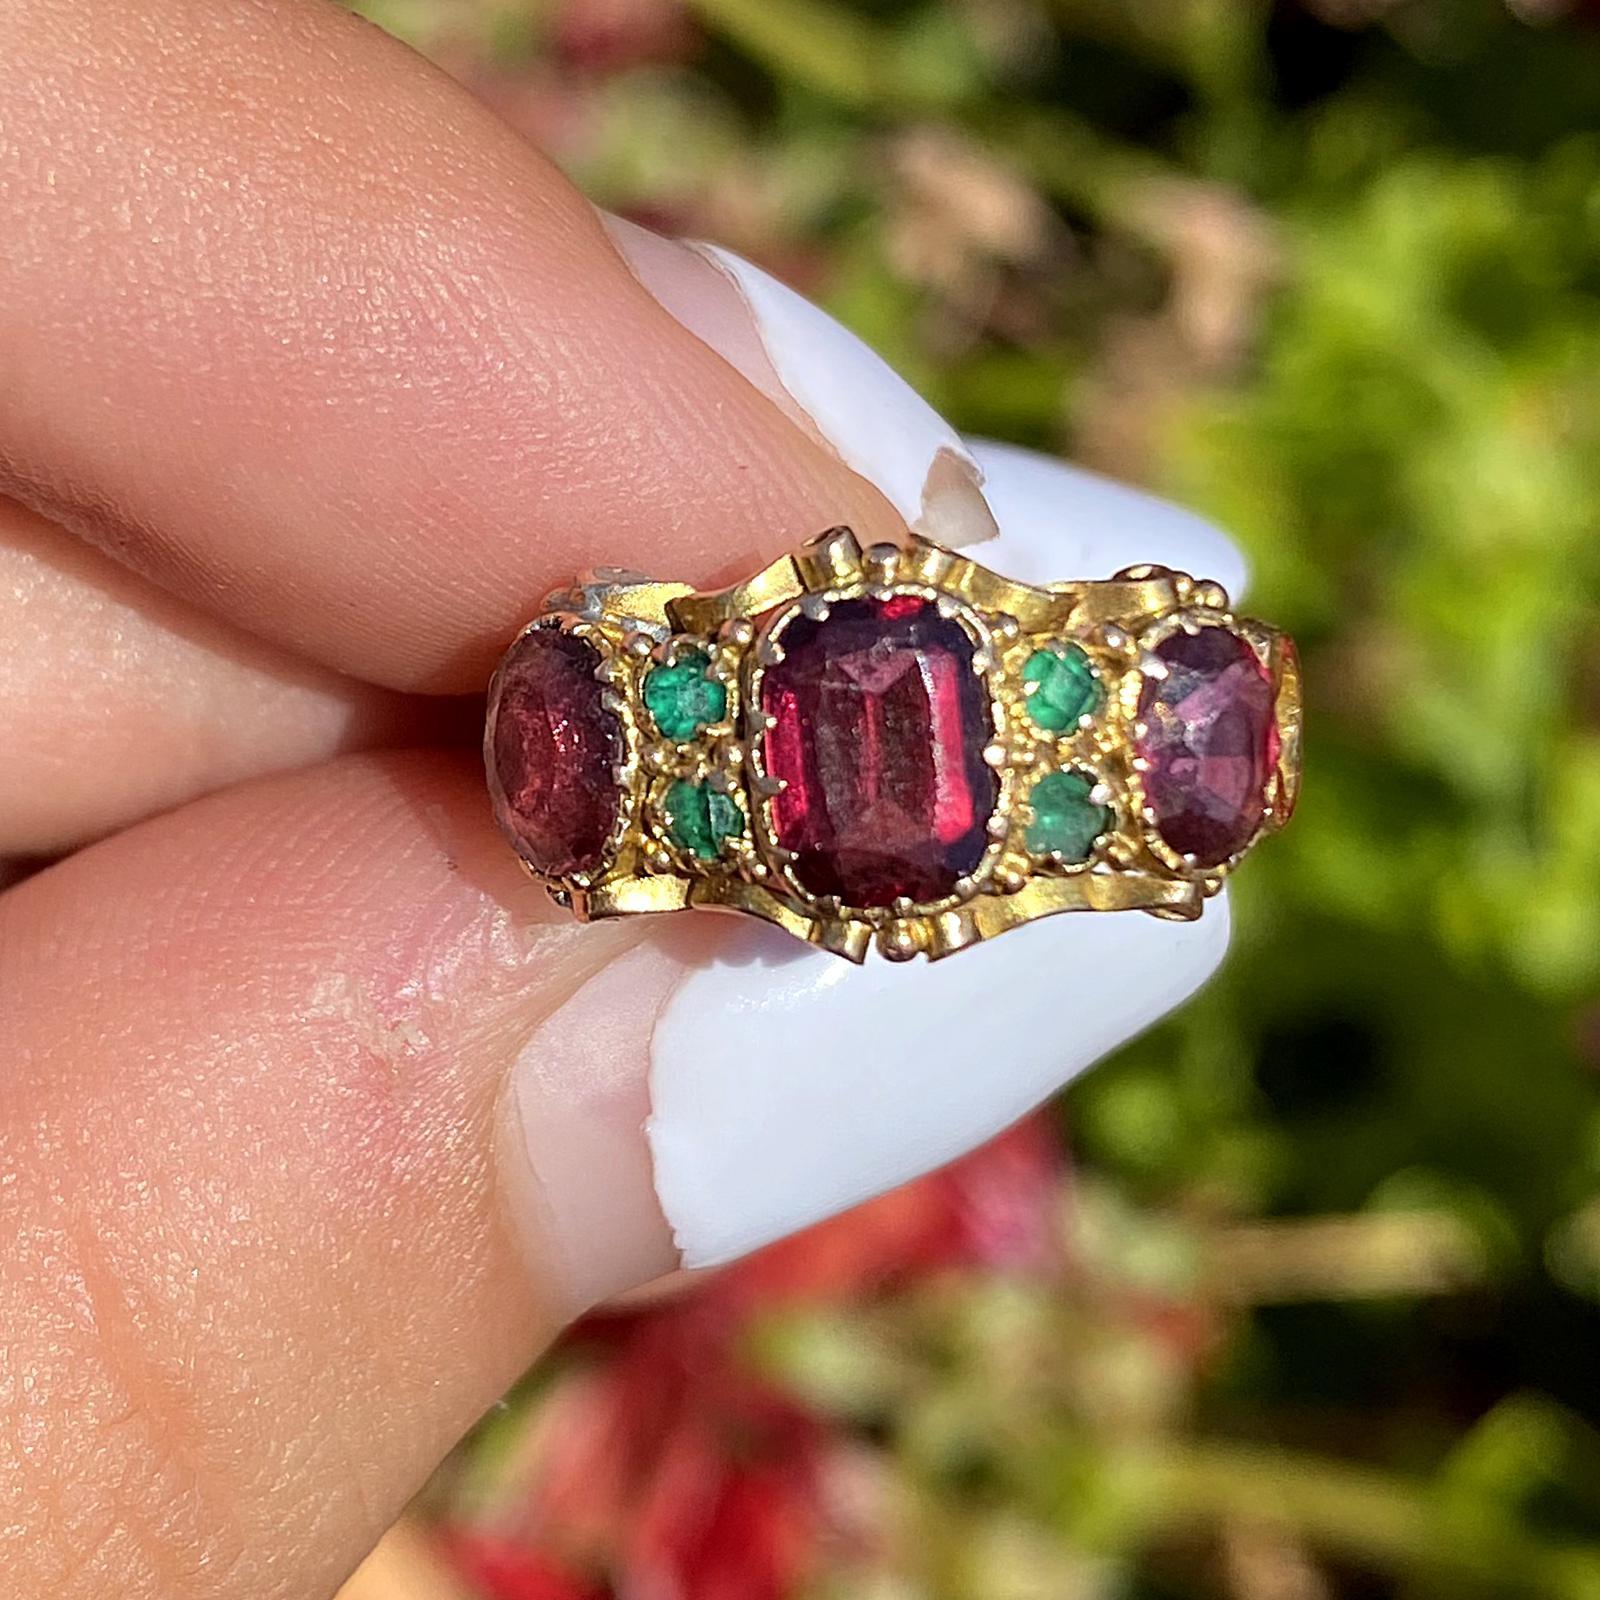 טבעת עתיקה זהב 15k עם אבני טורמלין ורודות וירוקות.